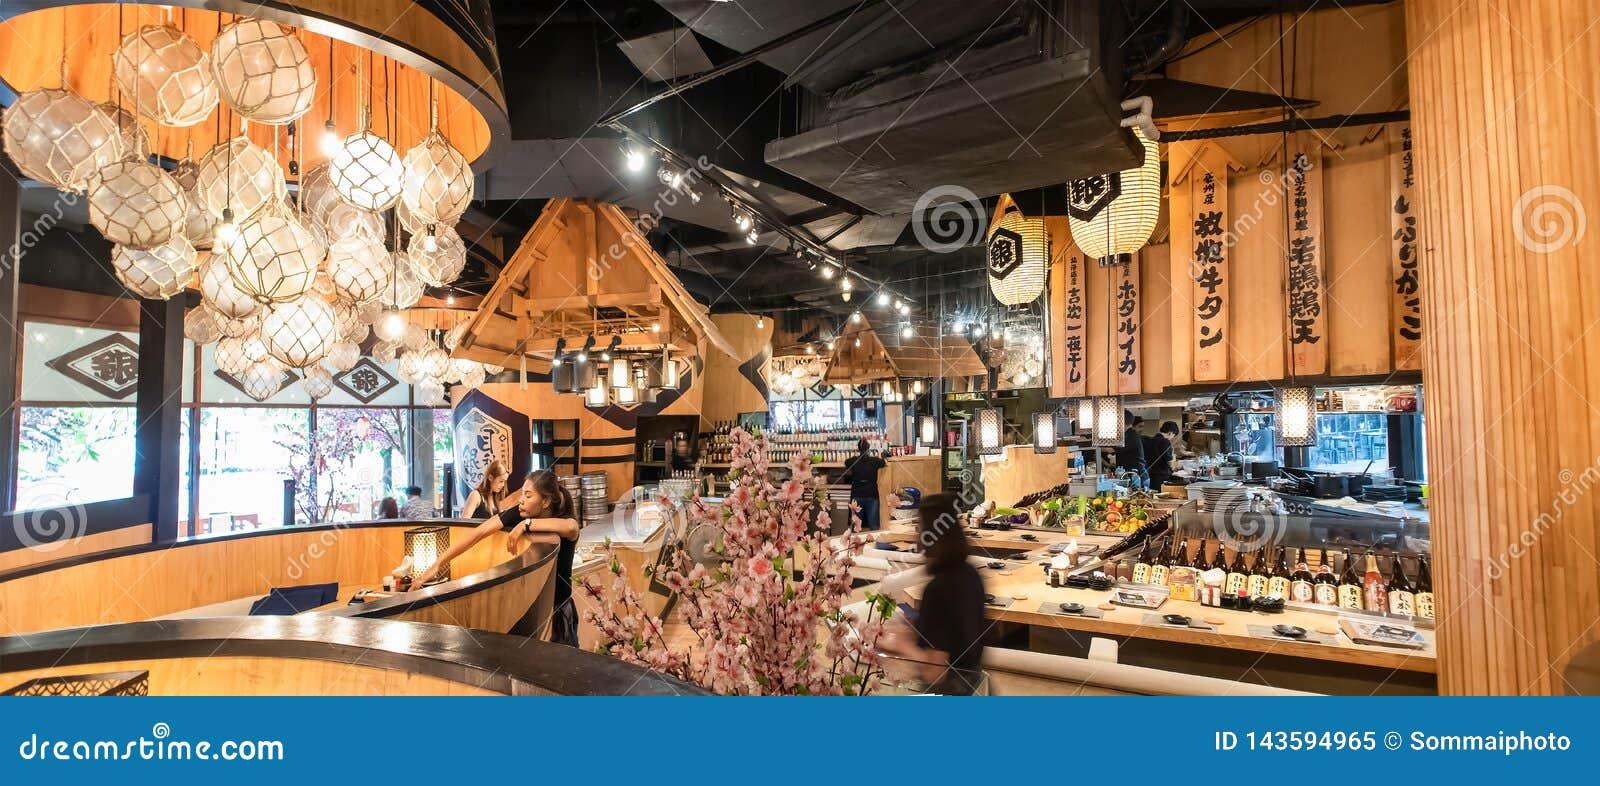 Innenausstattung des japanischen Restaurants an K Straße Klong Toei Bangkok Thailand Dorf-Gemeinschaftsmall Rama 4